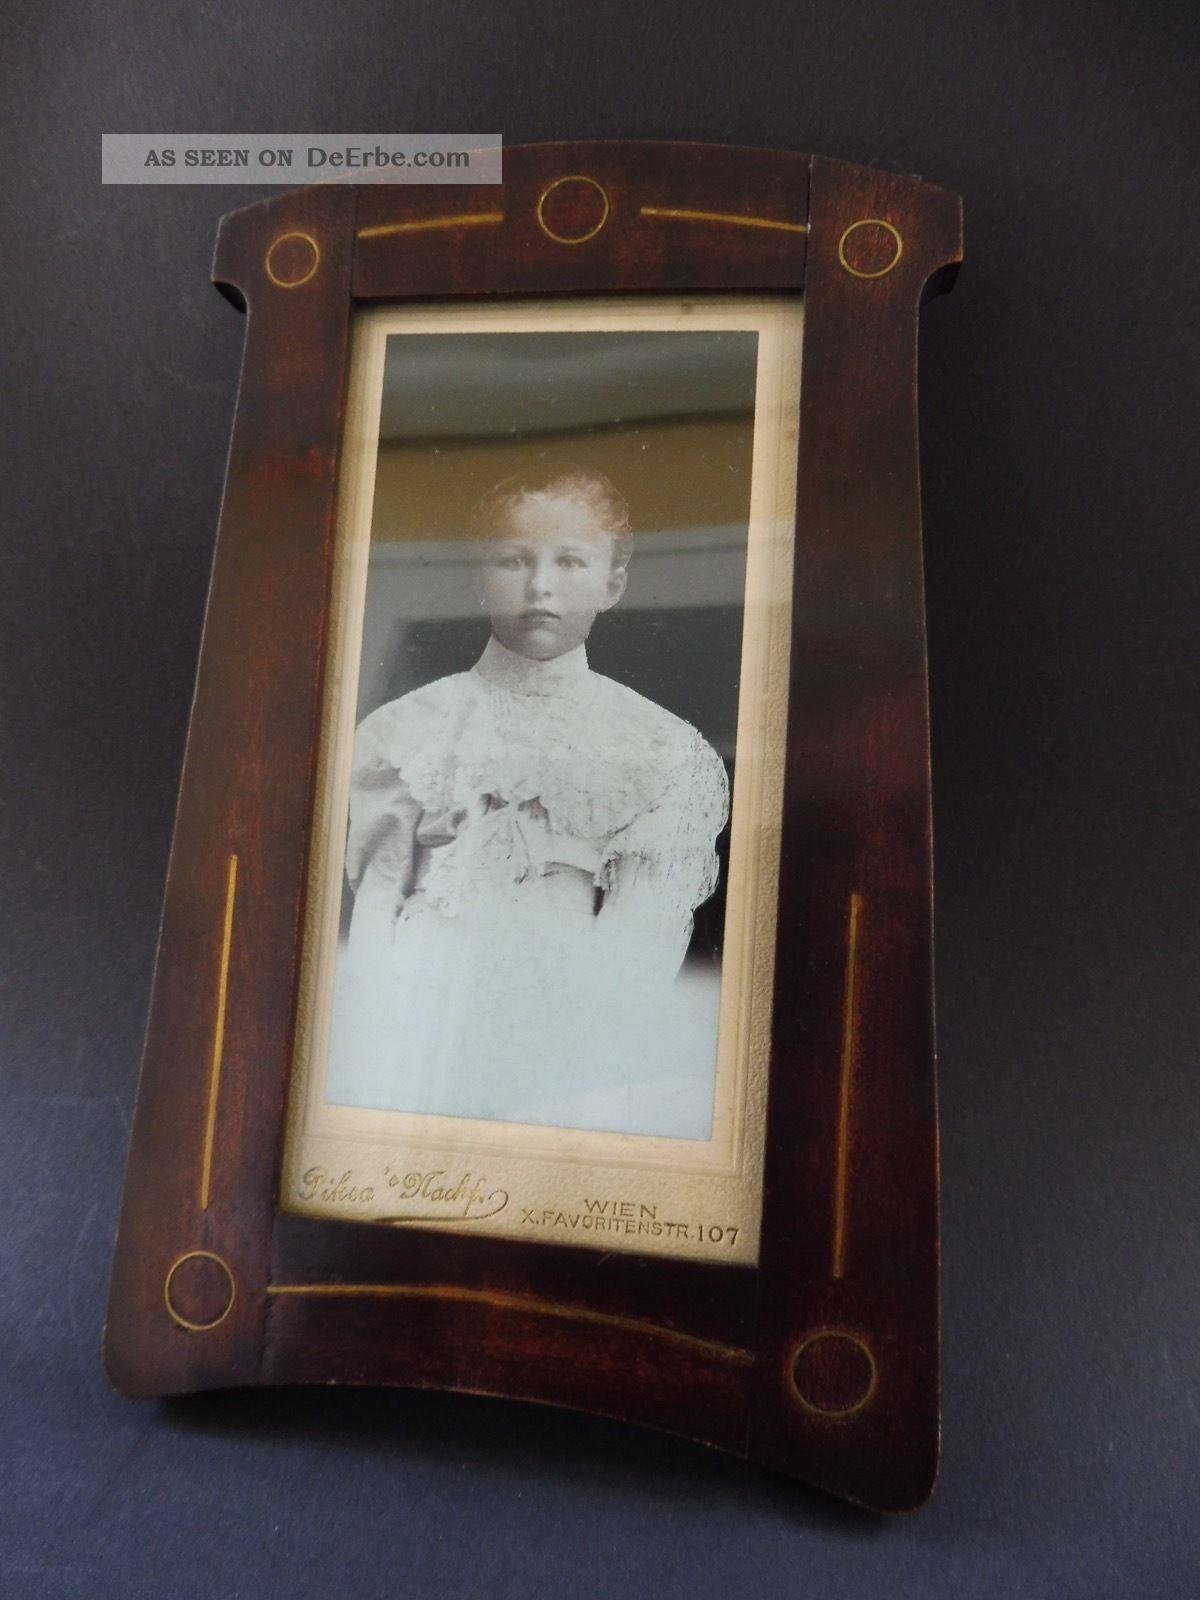 Jugendstil Foto Rahmen Messing Einlage Art Nouveau Wooden Frame Brass Marquetry 1890-1919, Jugendstil Bild